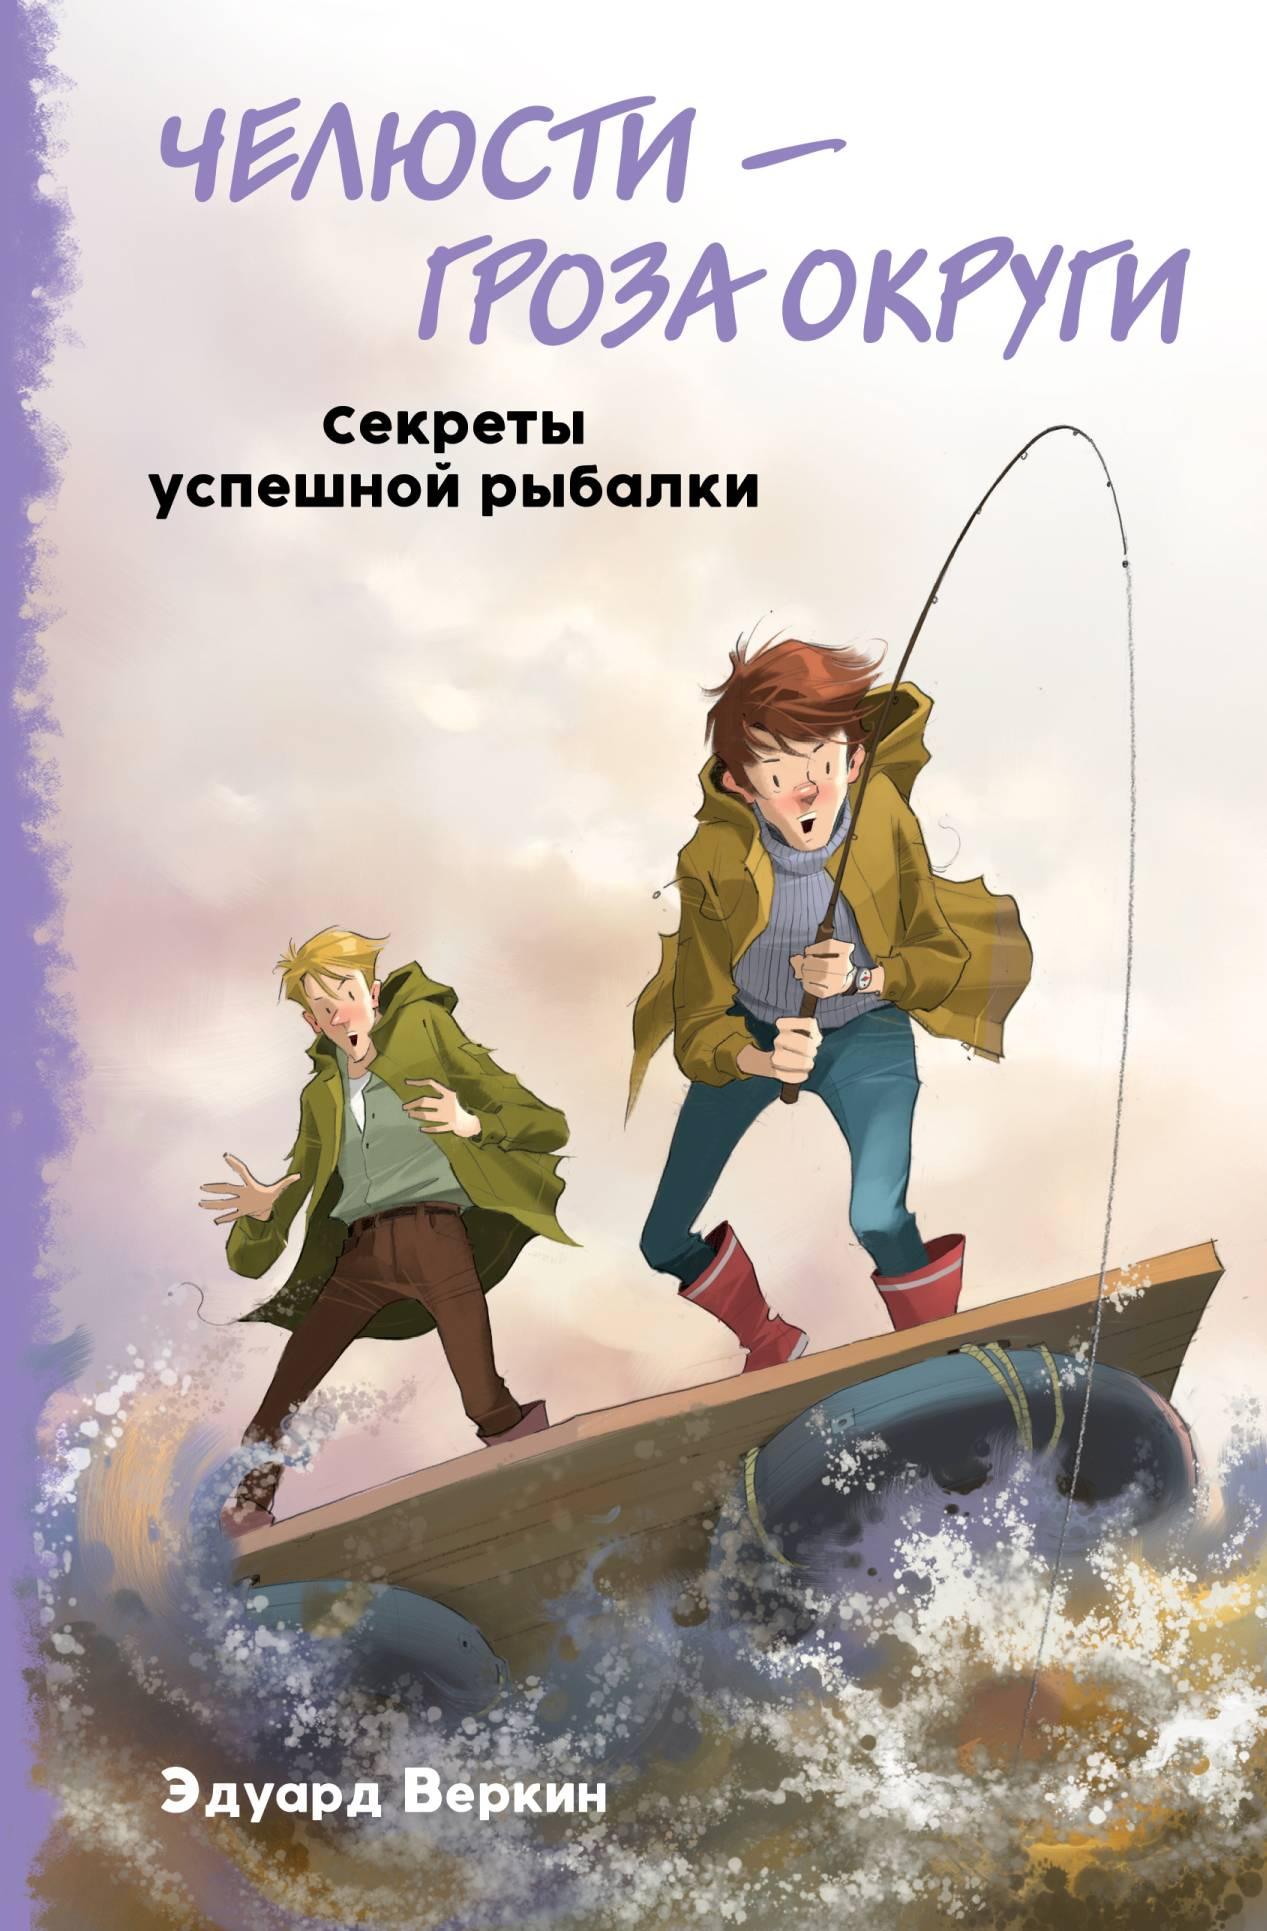 Челюсти – гроза округи. Секреты успешной рыбалки ( Эдуард Веркин  )